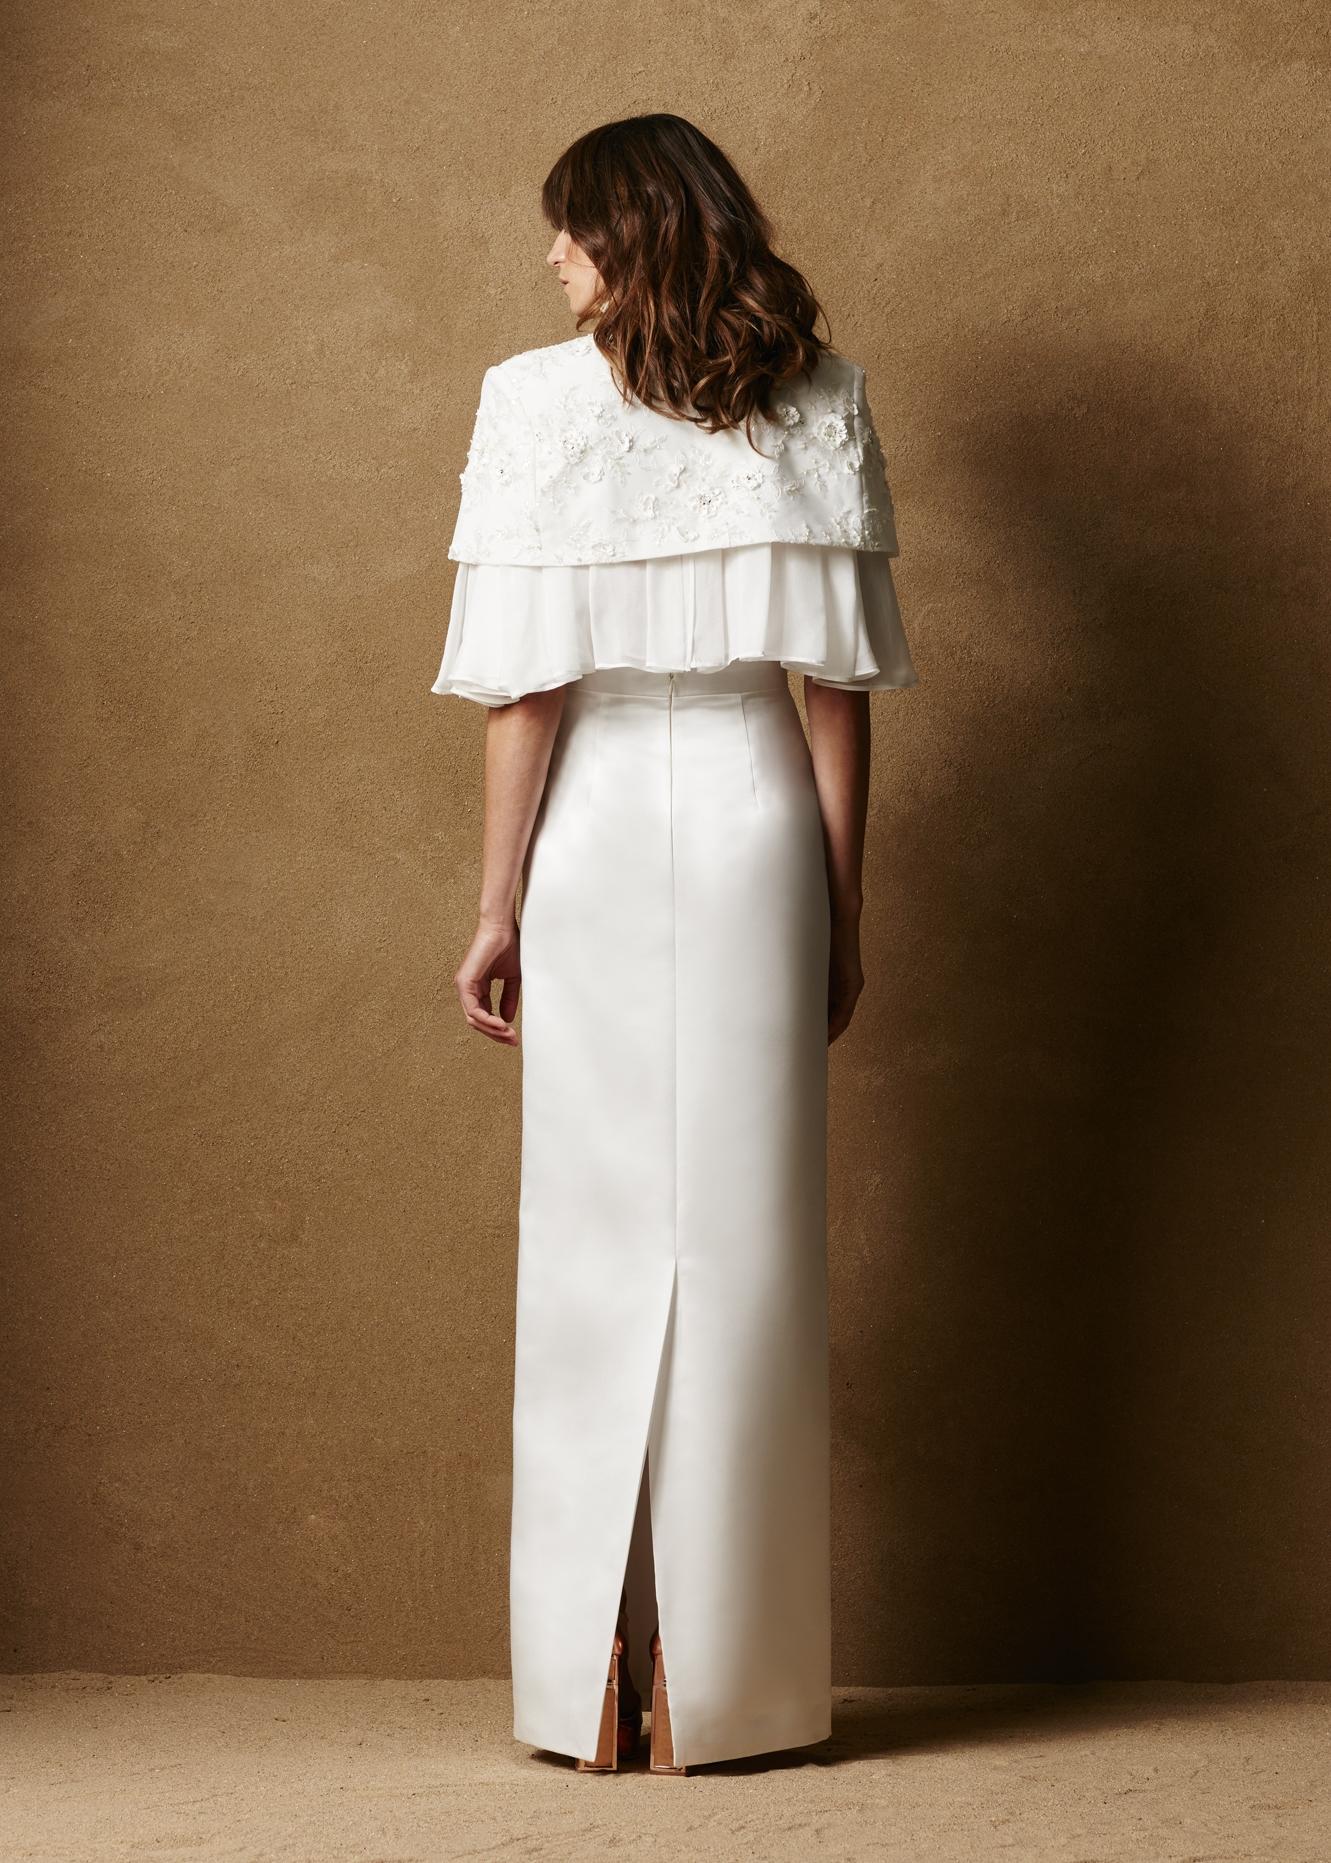 Duchess Satin Floor Length Skirt 3